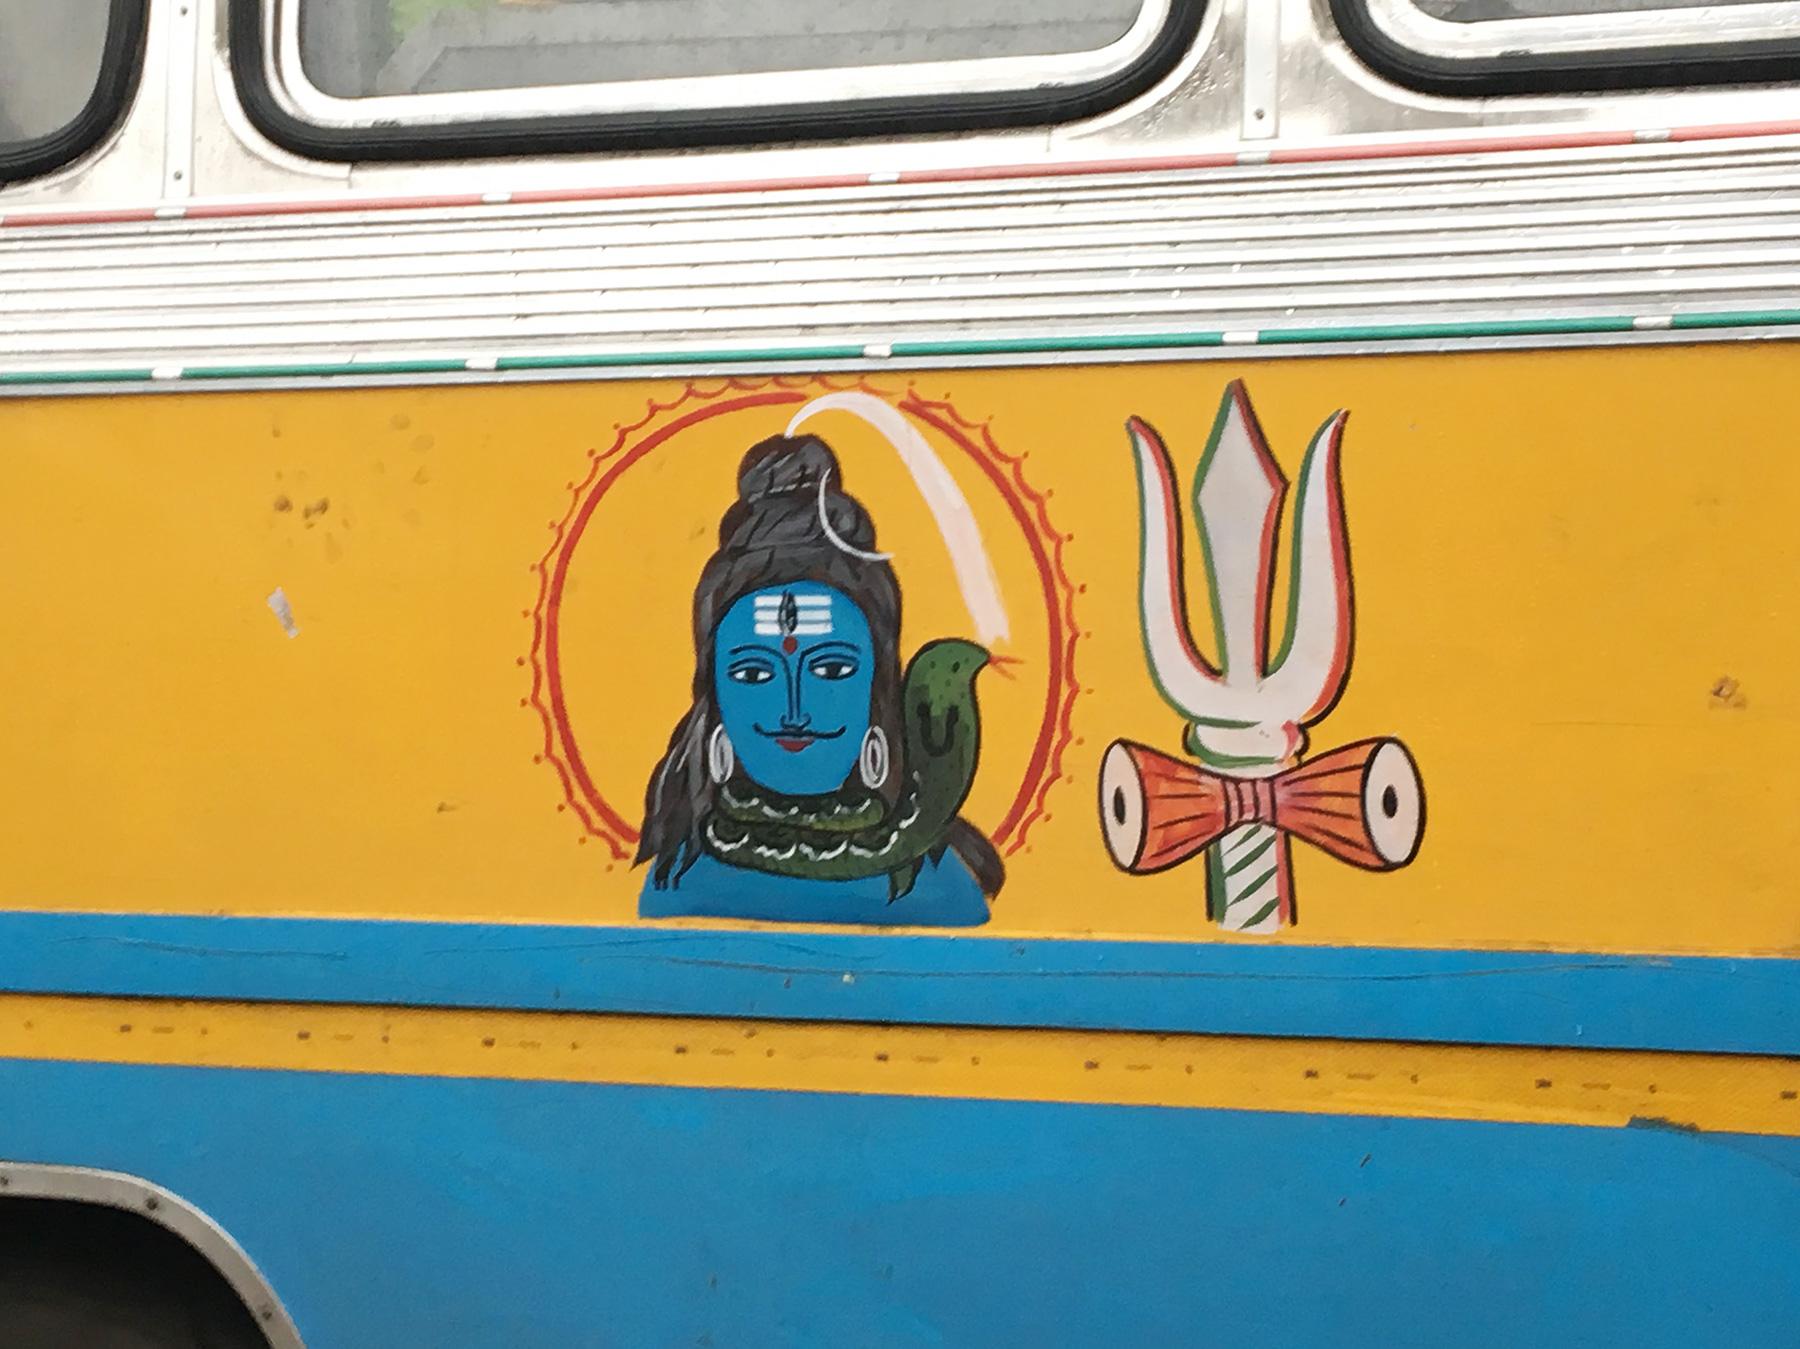 バスに描かれたシヴァ神